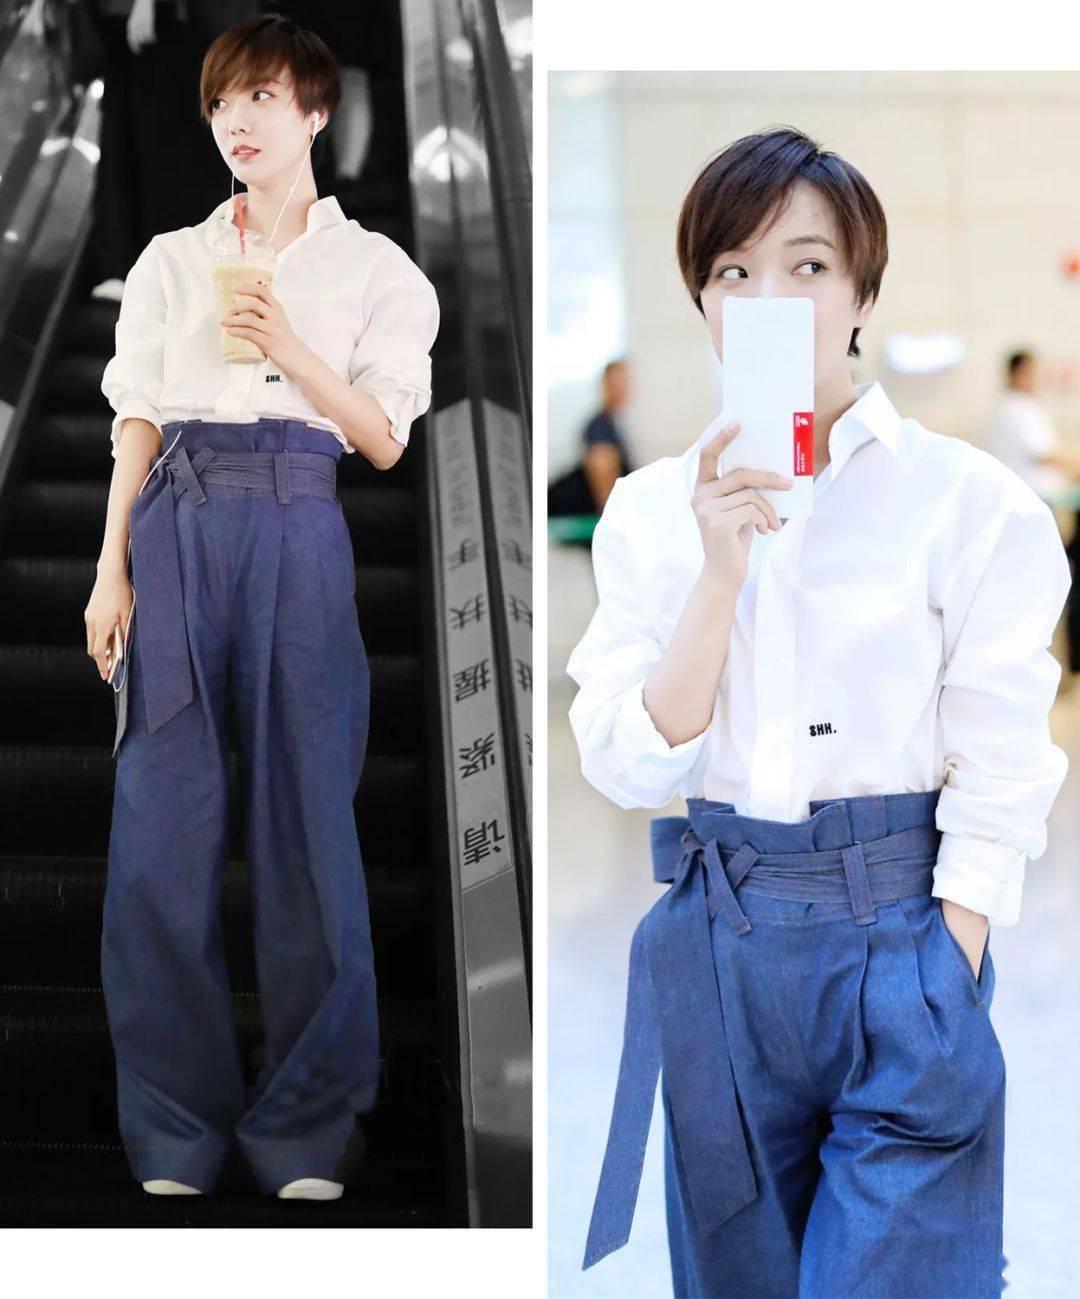 这三种裤子,不用减肥就能秀出好身材!